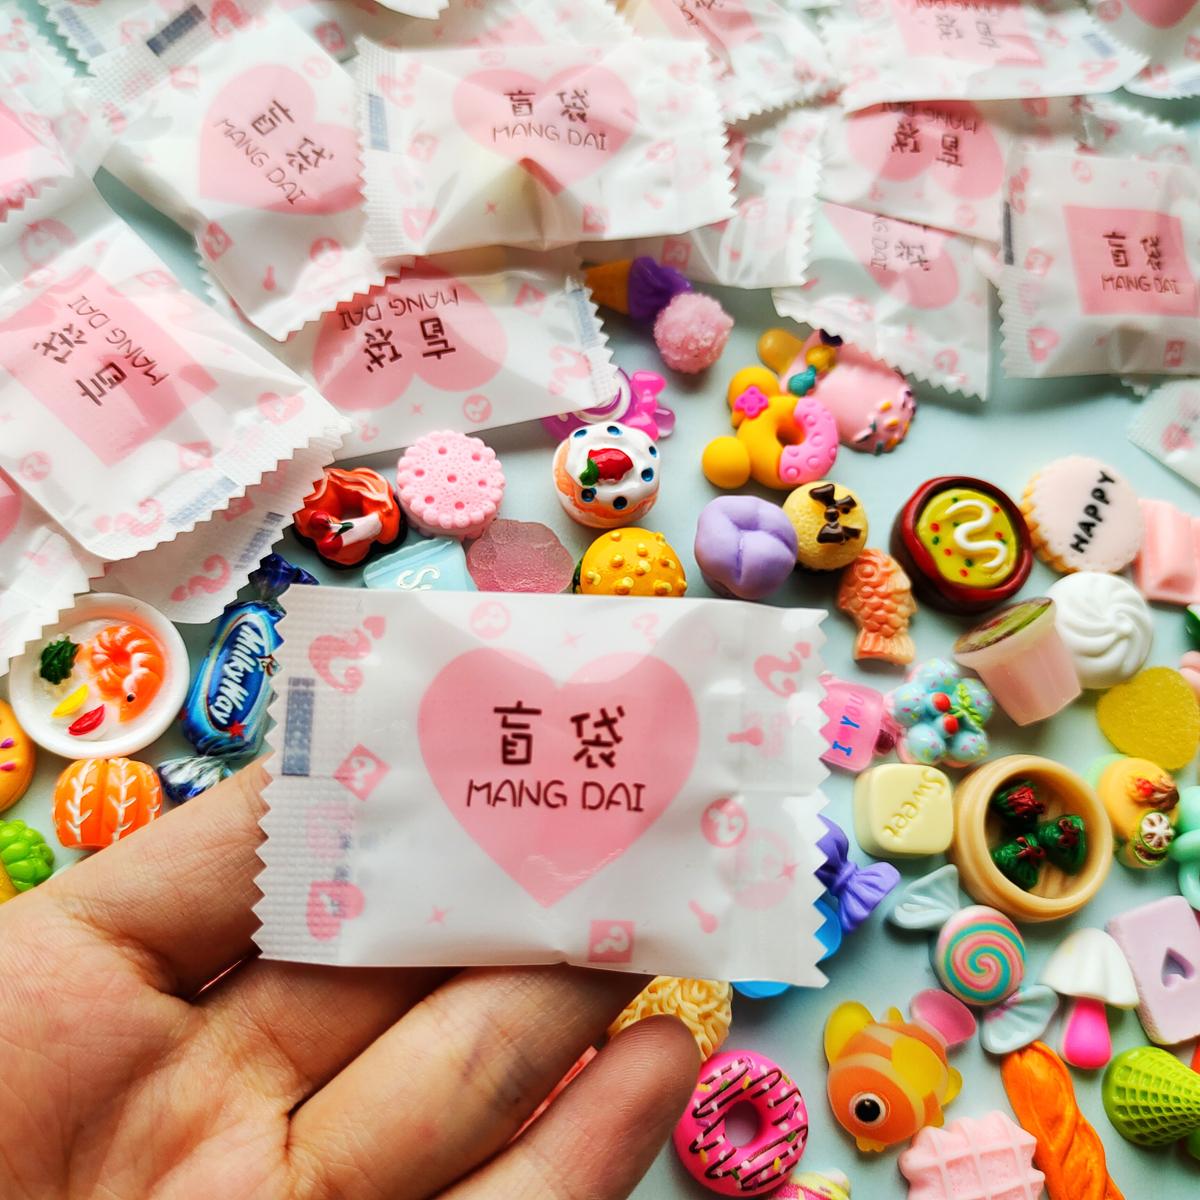 迷你食玩盲袋 微缩小超市食物瓶子零食模型儿童玩具礼物 diy饰品